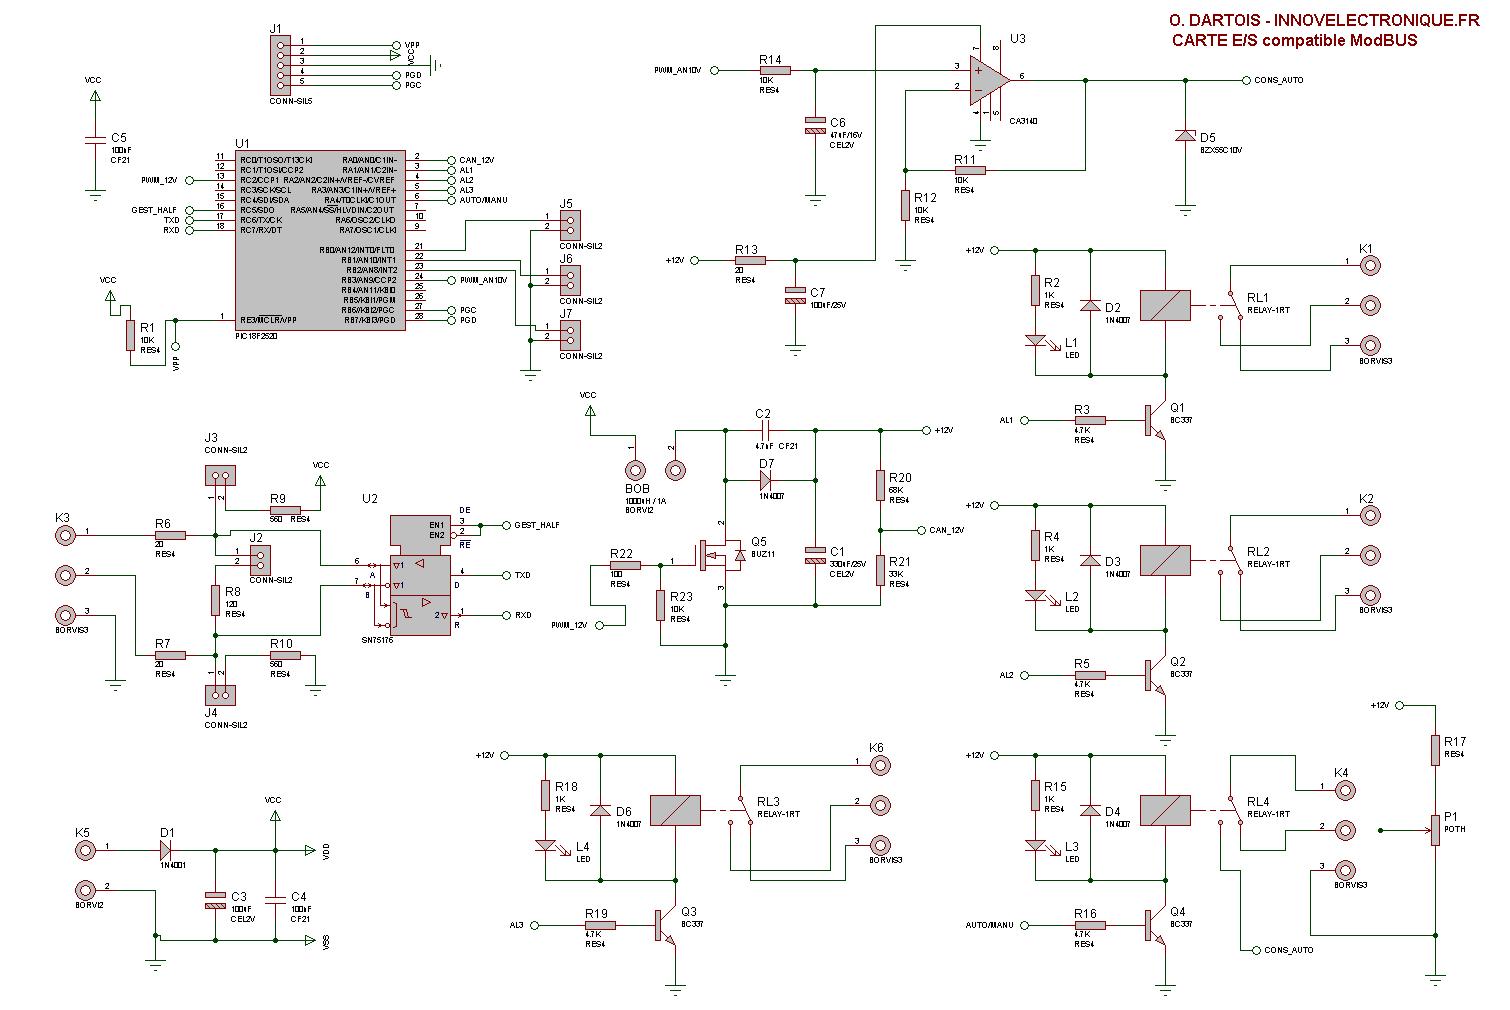 Schéma électrique carte électronique